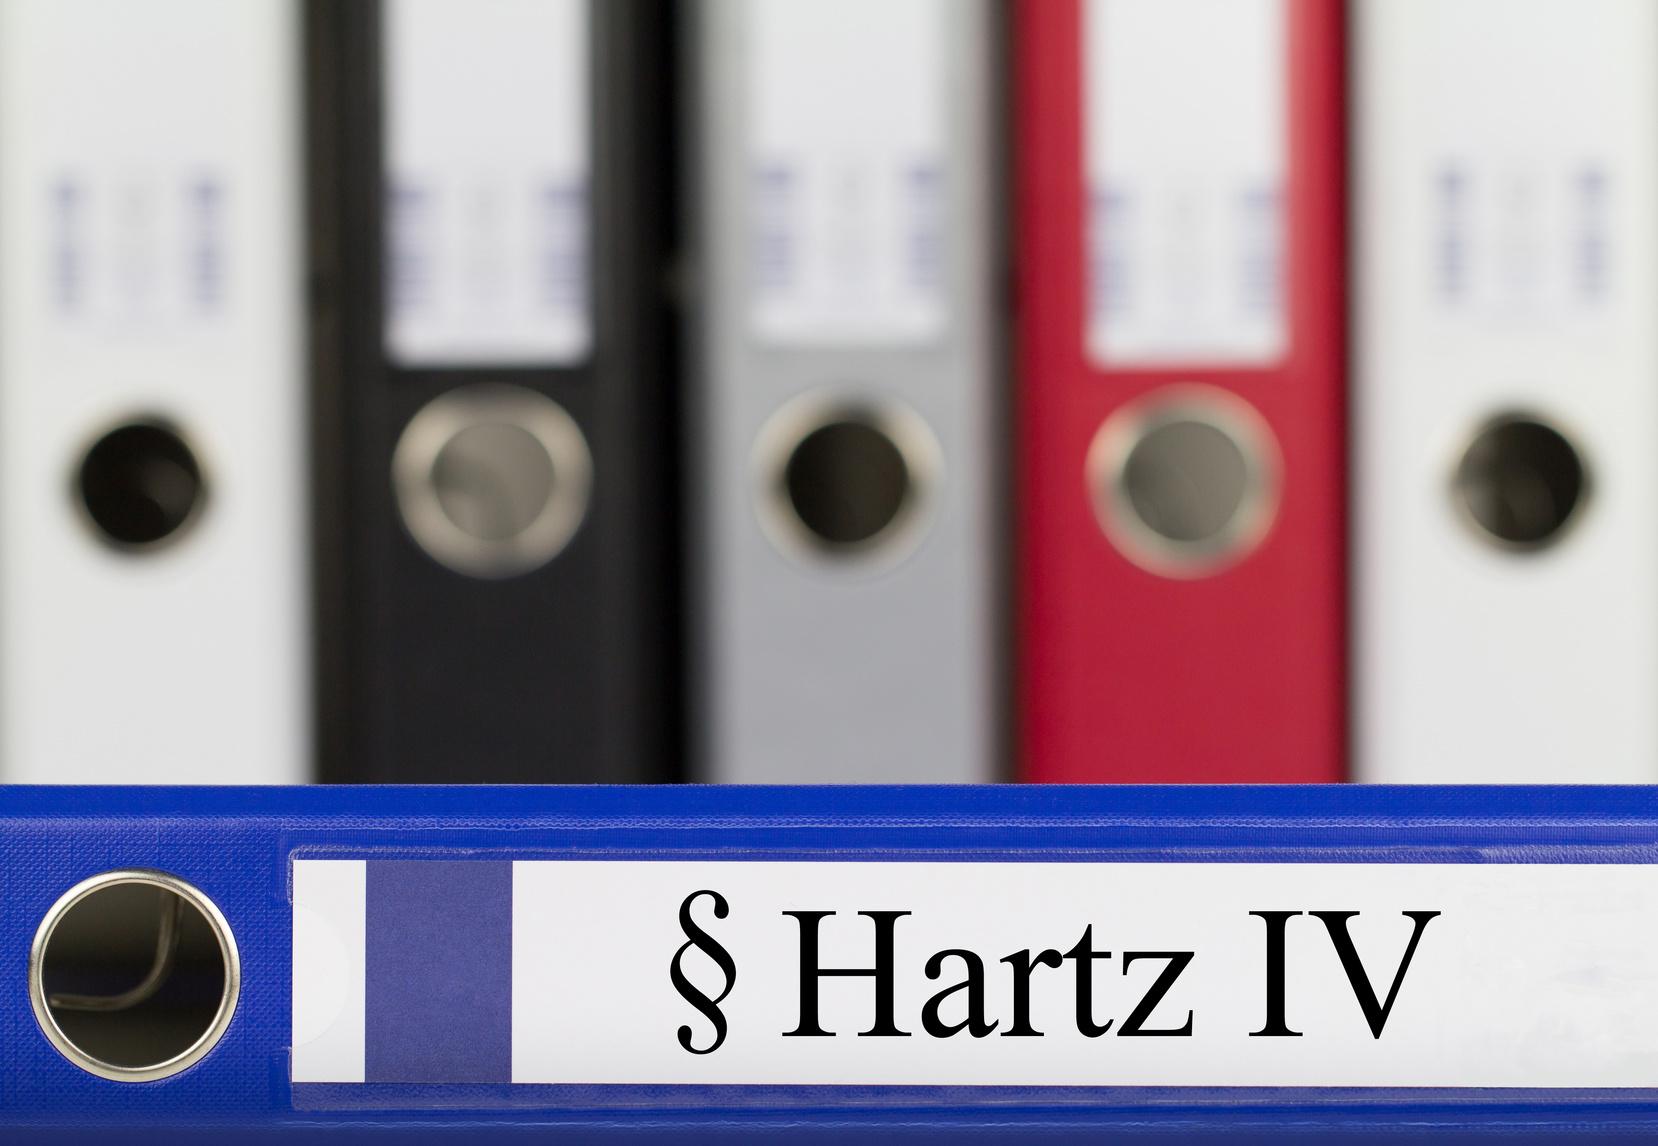 Hartz IV: Gütertrennung ist kein Grund!